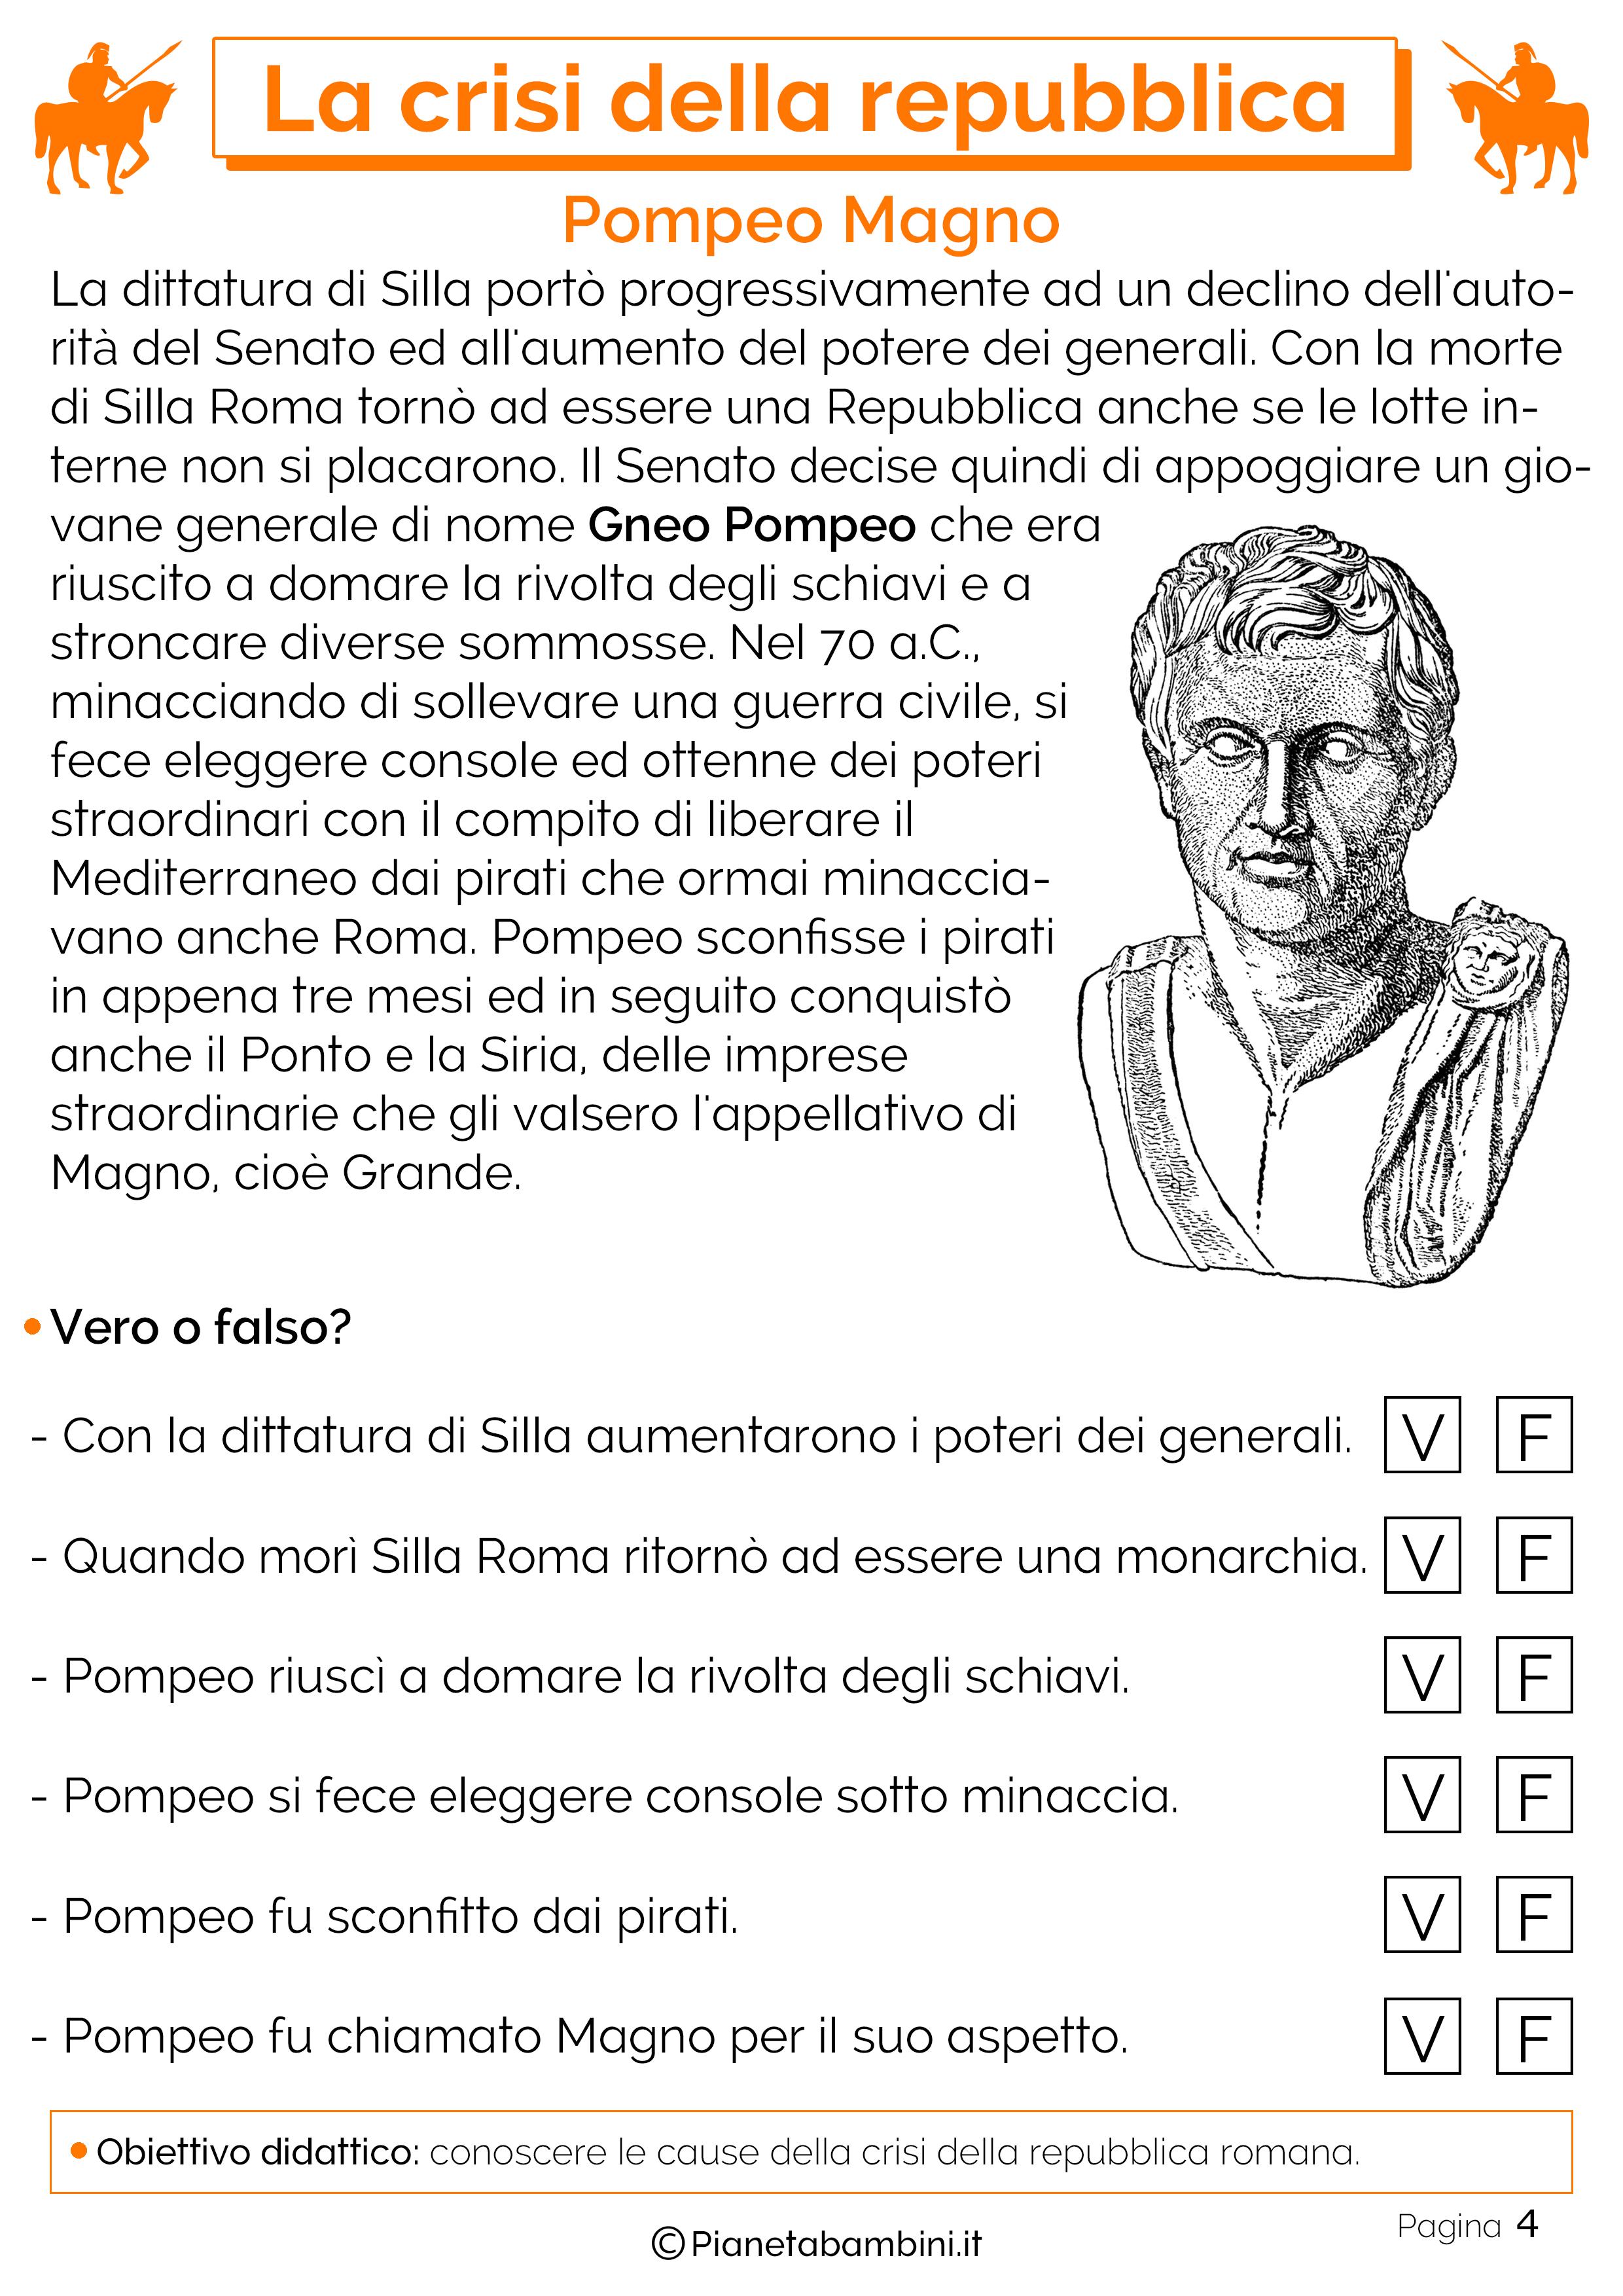 L'ascesa di Pompeo Magno